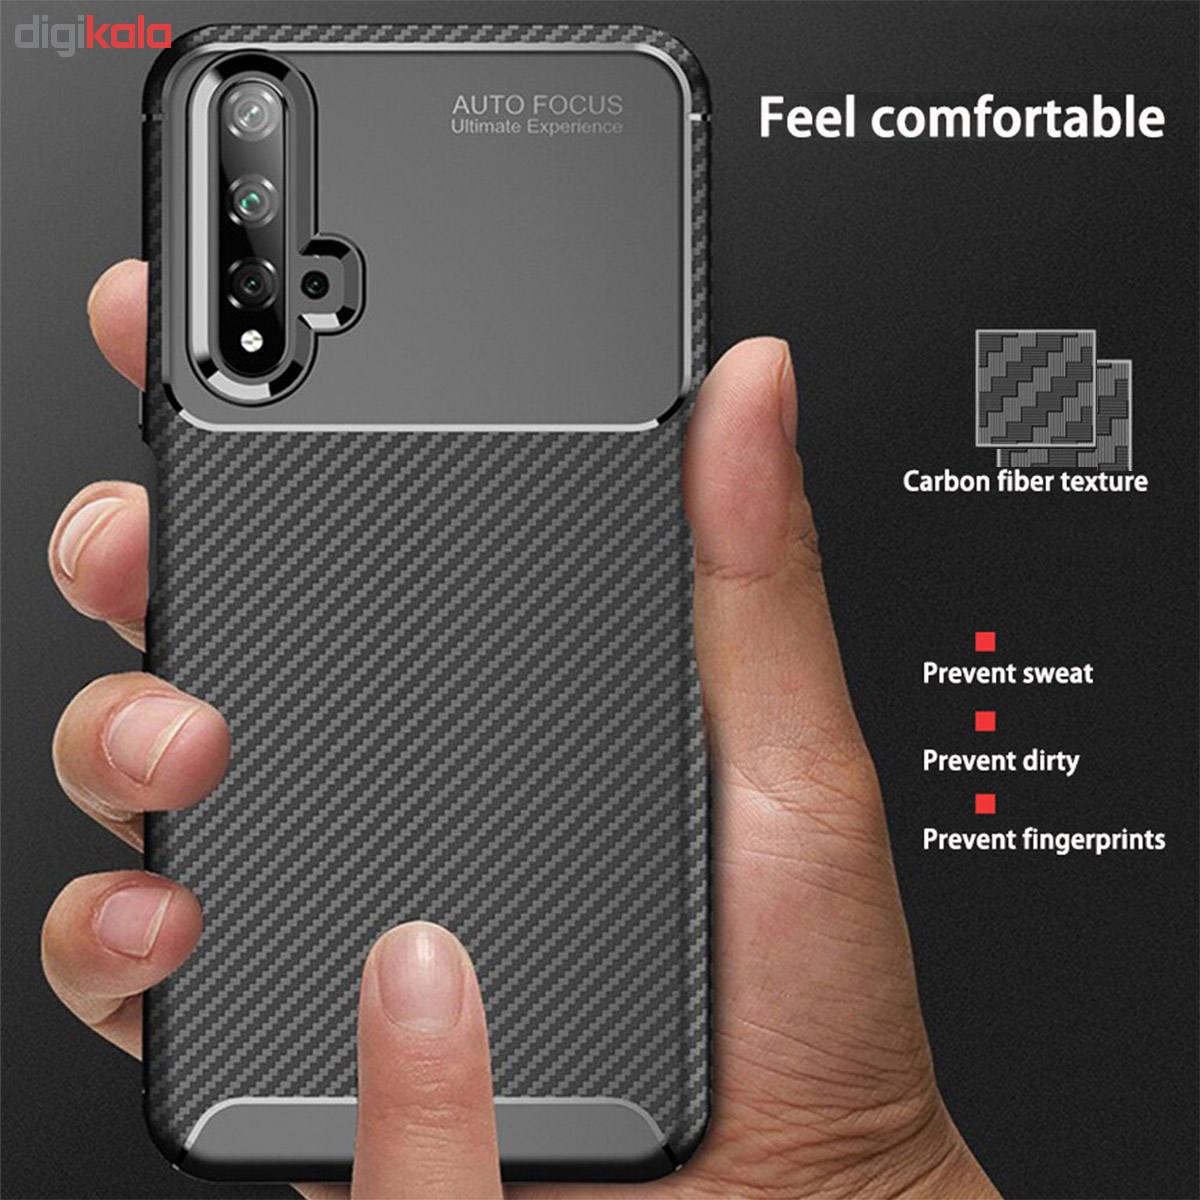 کاور لاین کینگ مدل A21 مناسب برای گوشی موبایل هوآوی Nova 5T thumb 2 13